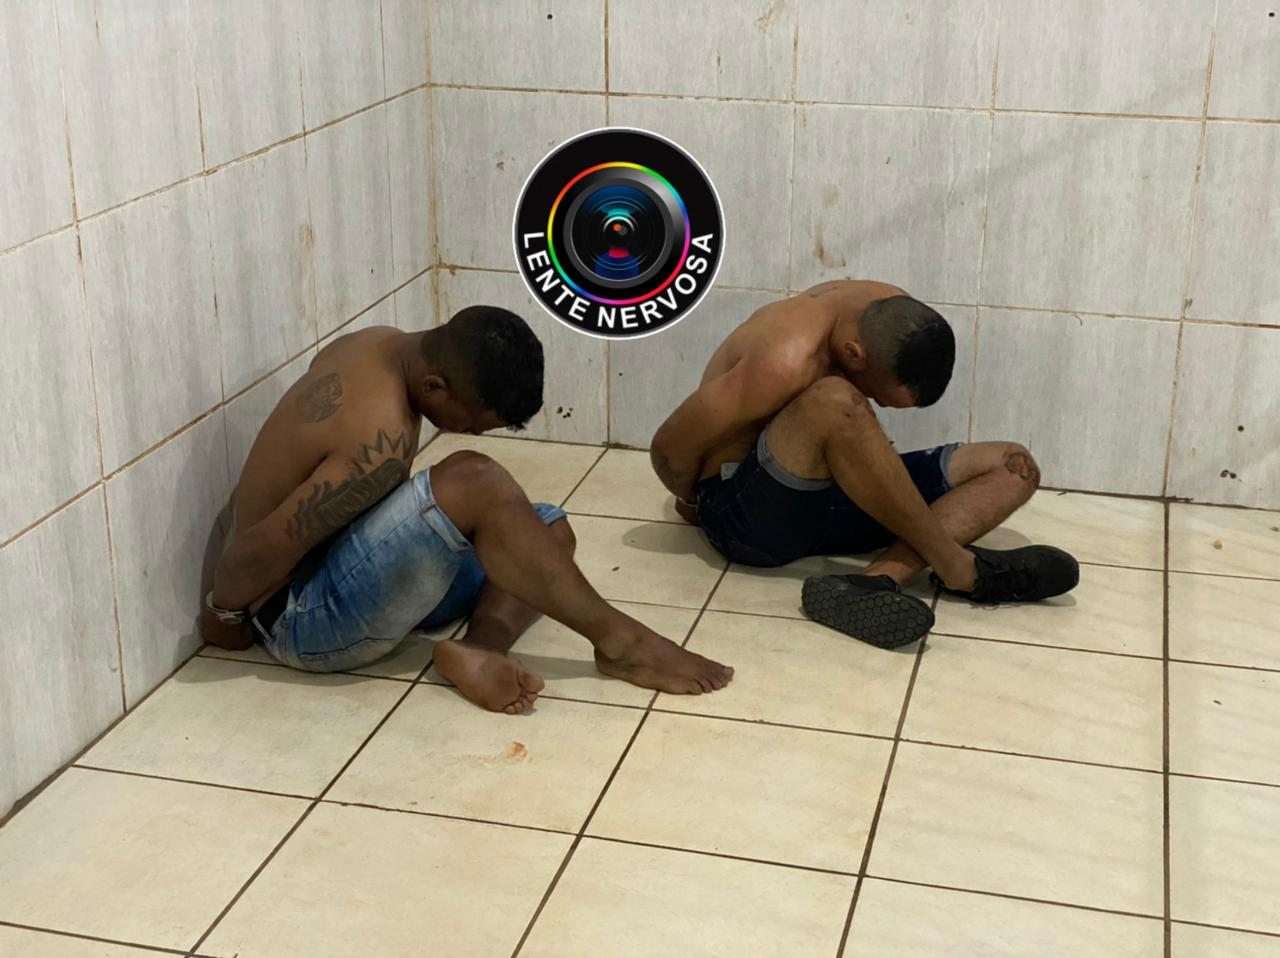 Assaltantes fazem família refém durante roubo de caminhonete e são presos em ação conjunta da PM e PRF